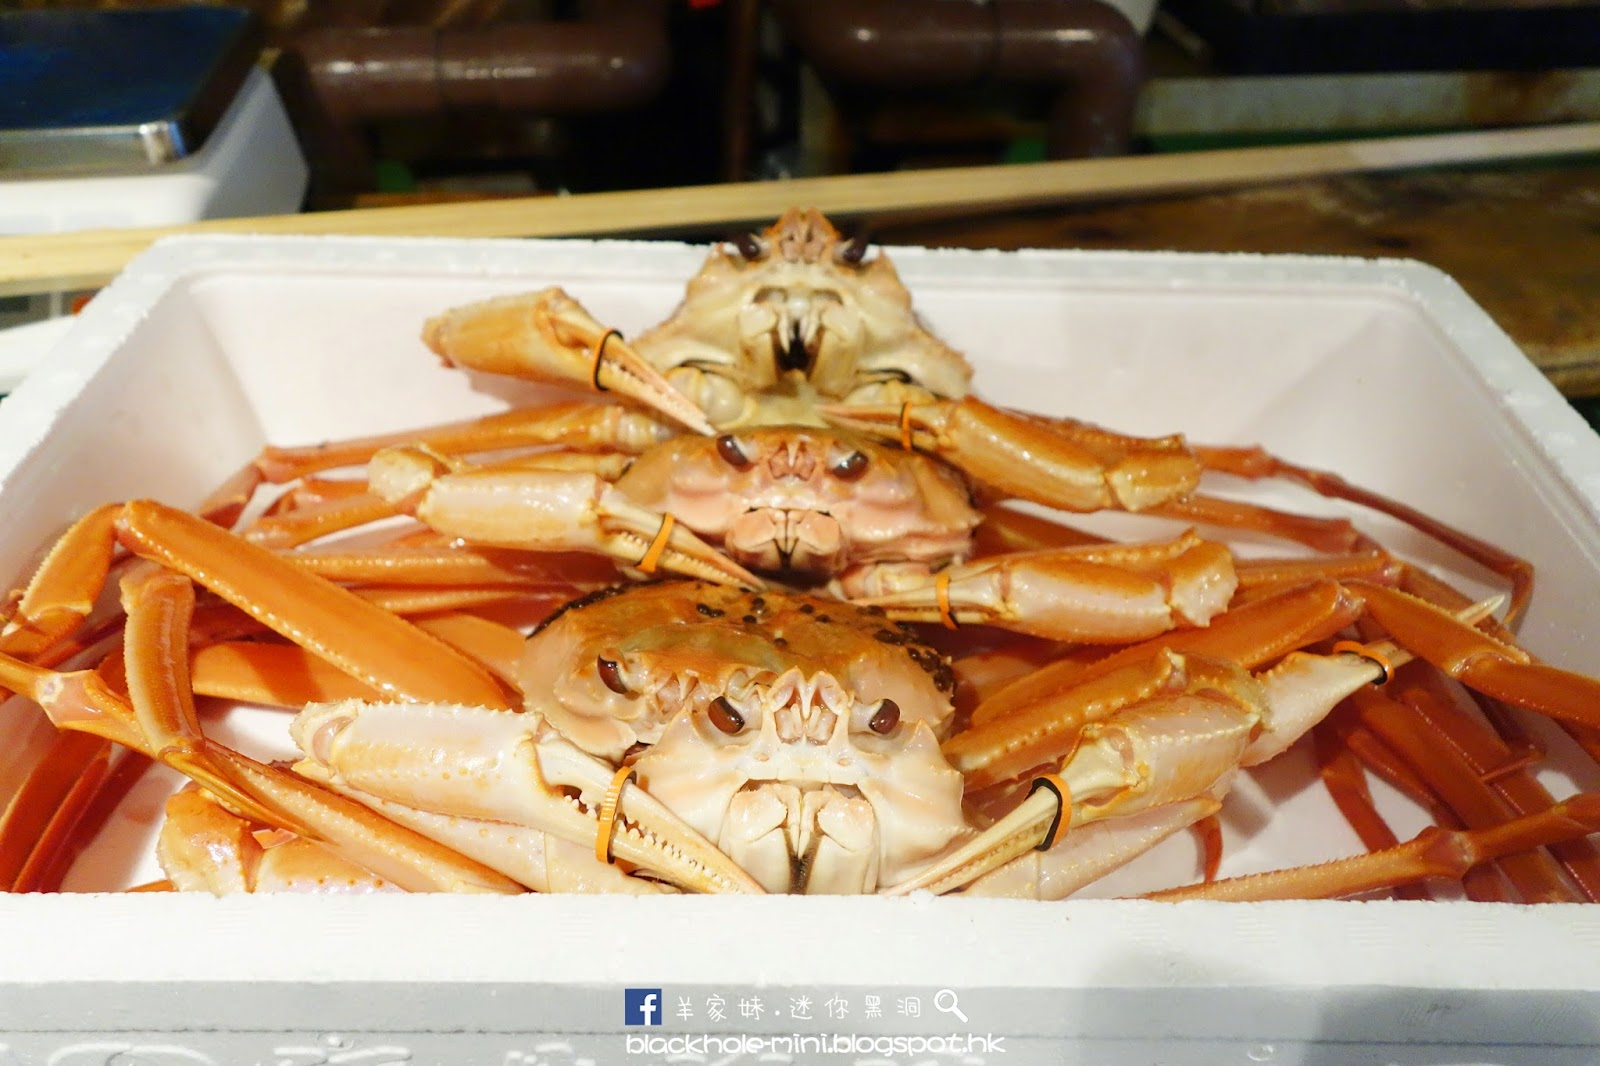 [日本.福井.越前] 貴但值得一吃的越前蟹:越前 蟹の坊